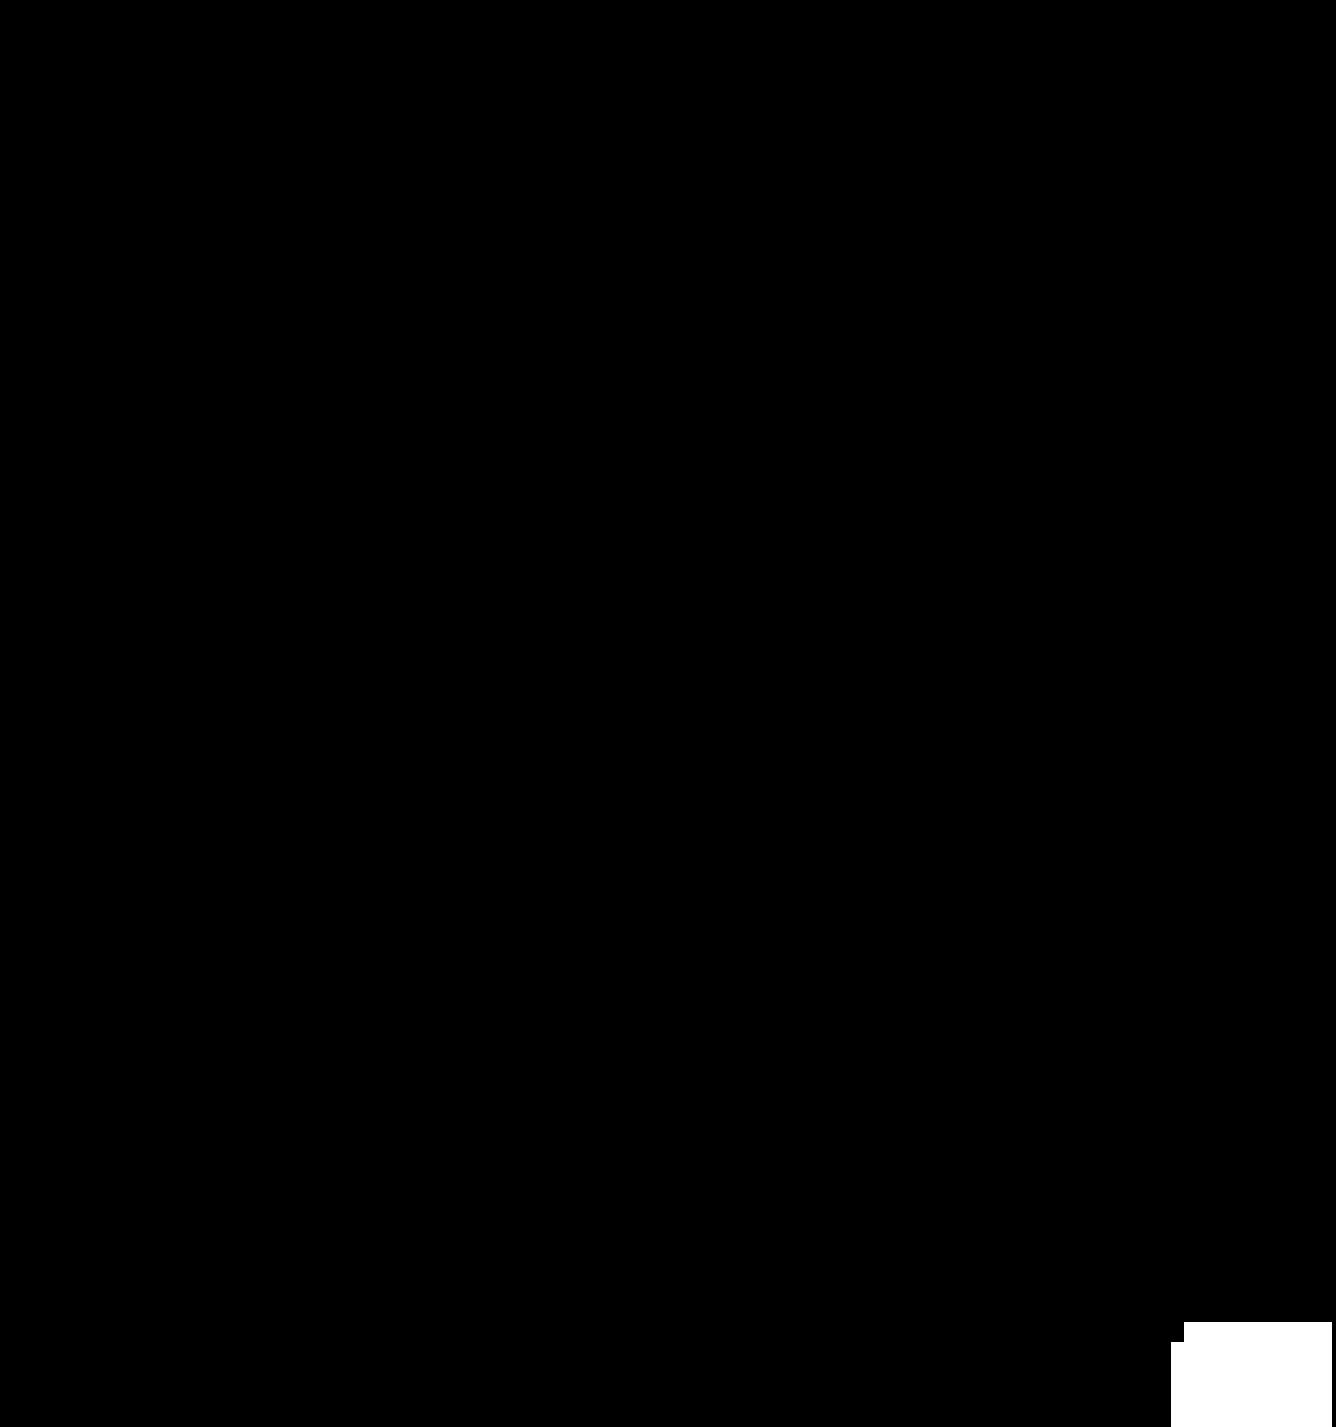 FJ_FootJoy_logo